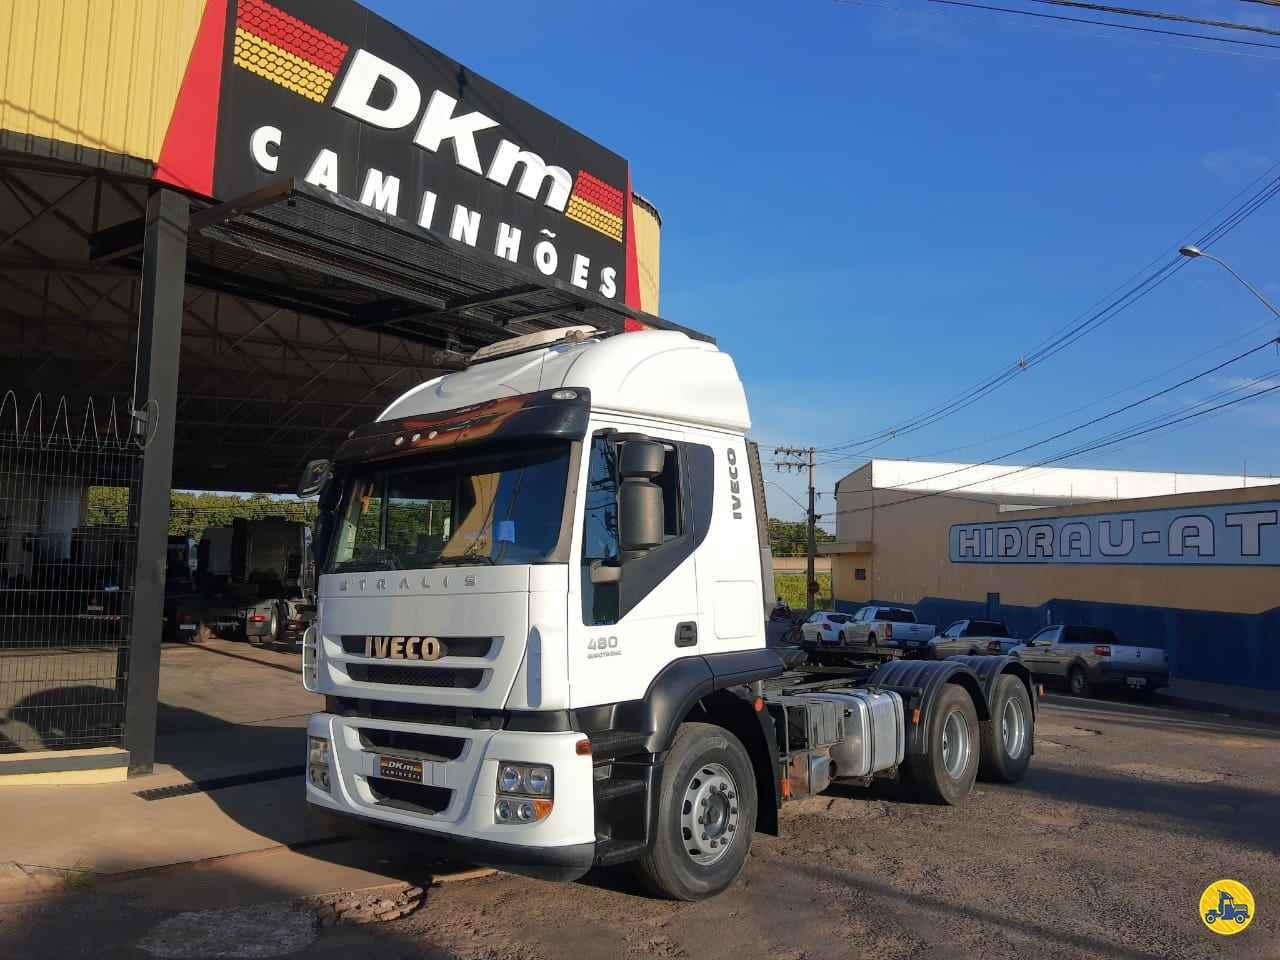 CAMINHAO IVECO STRALIS 480 Cavalo Mecânico Traçado 6x4 DKM Caminhões ARACATUBA SÃO PAULO SP